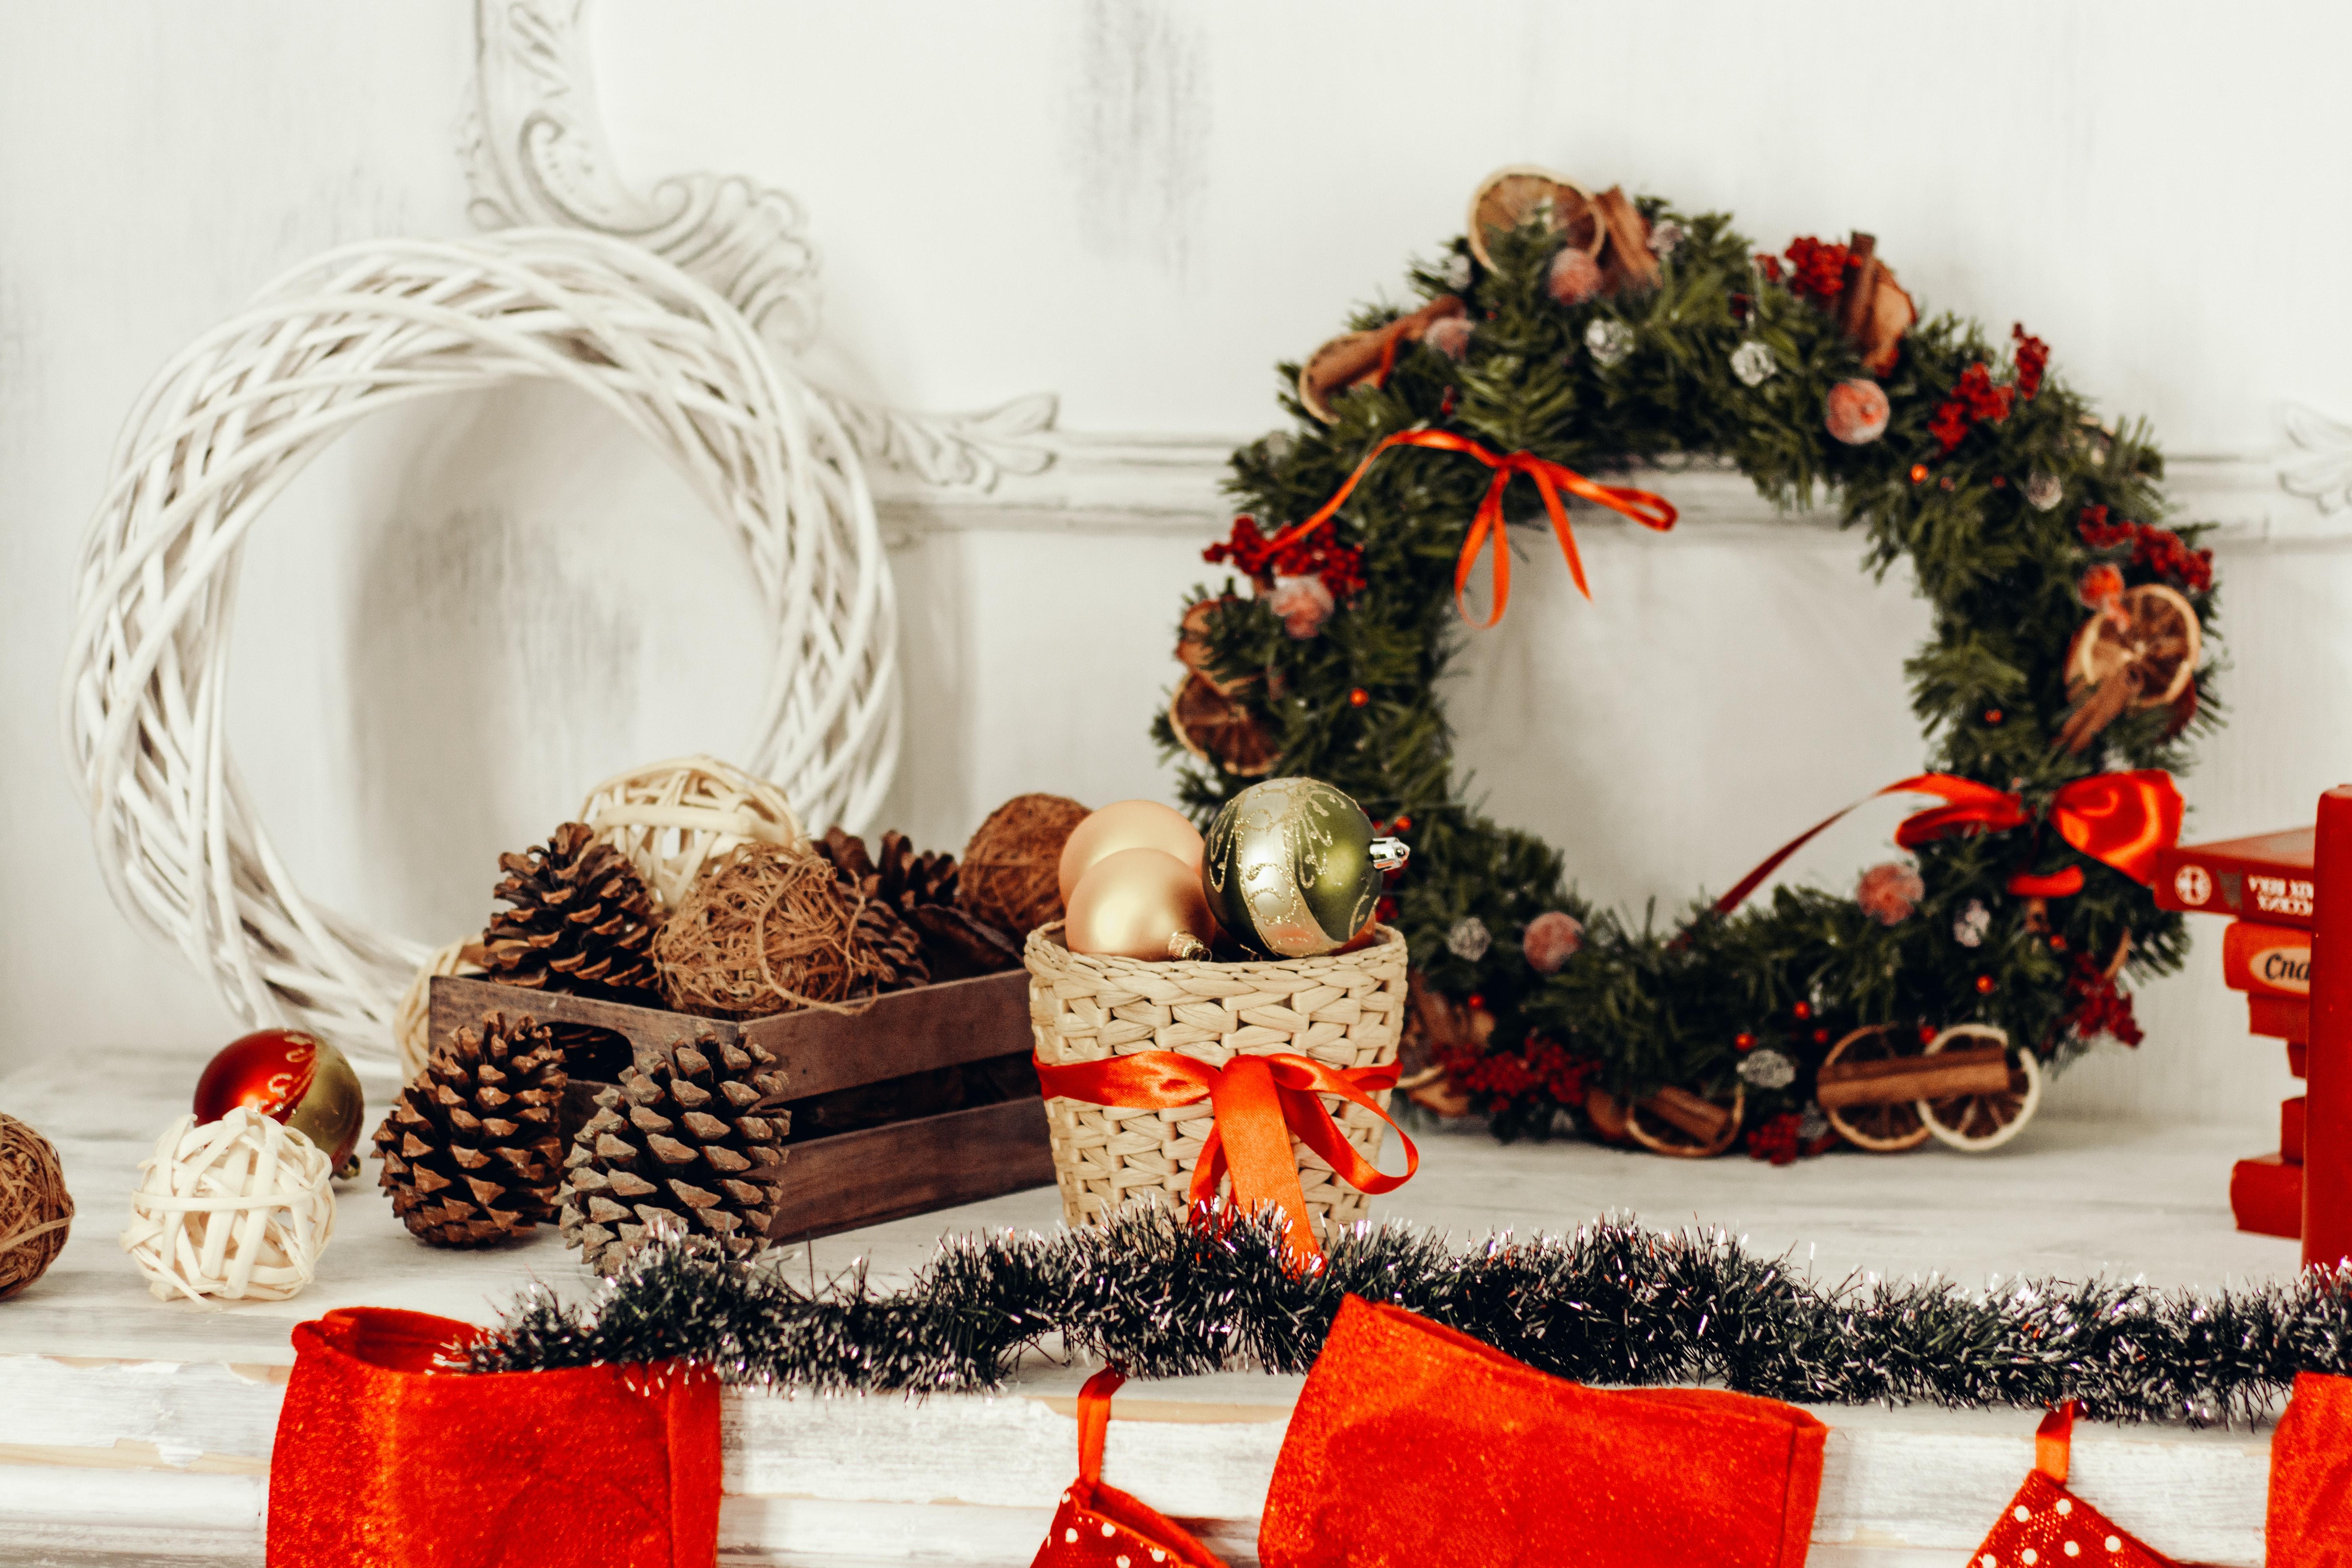 COVID-19: medidas comunes para la celebración de las fiestas navideñas